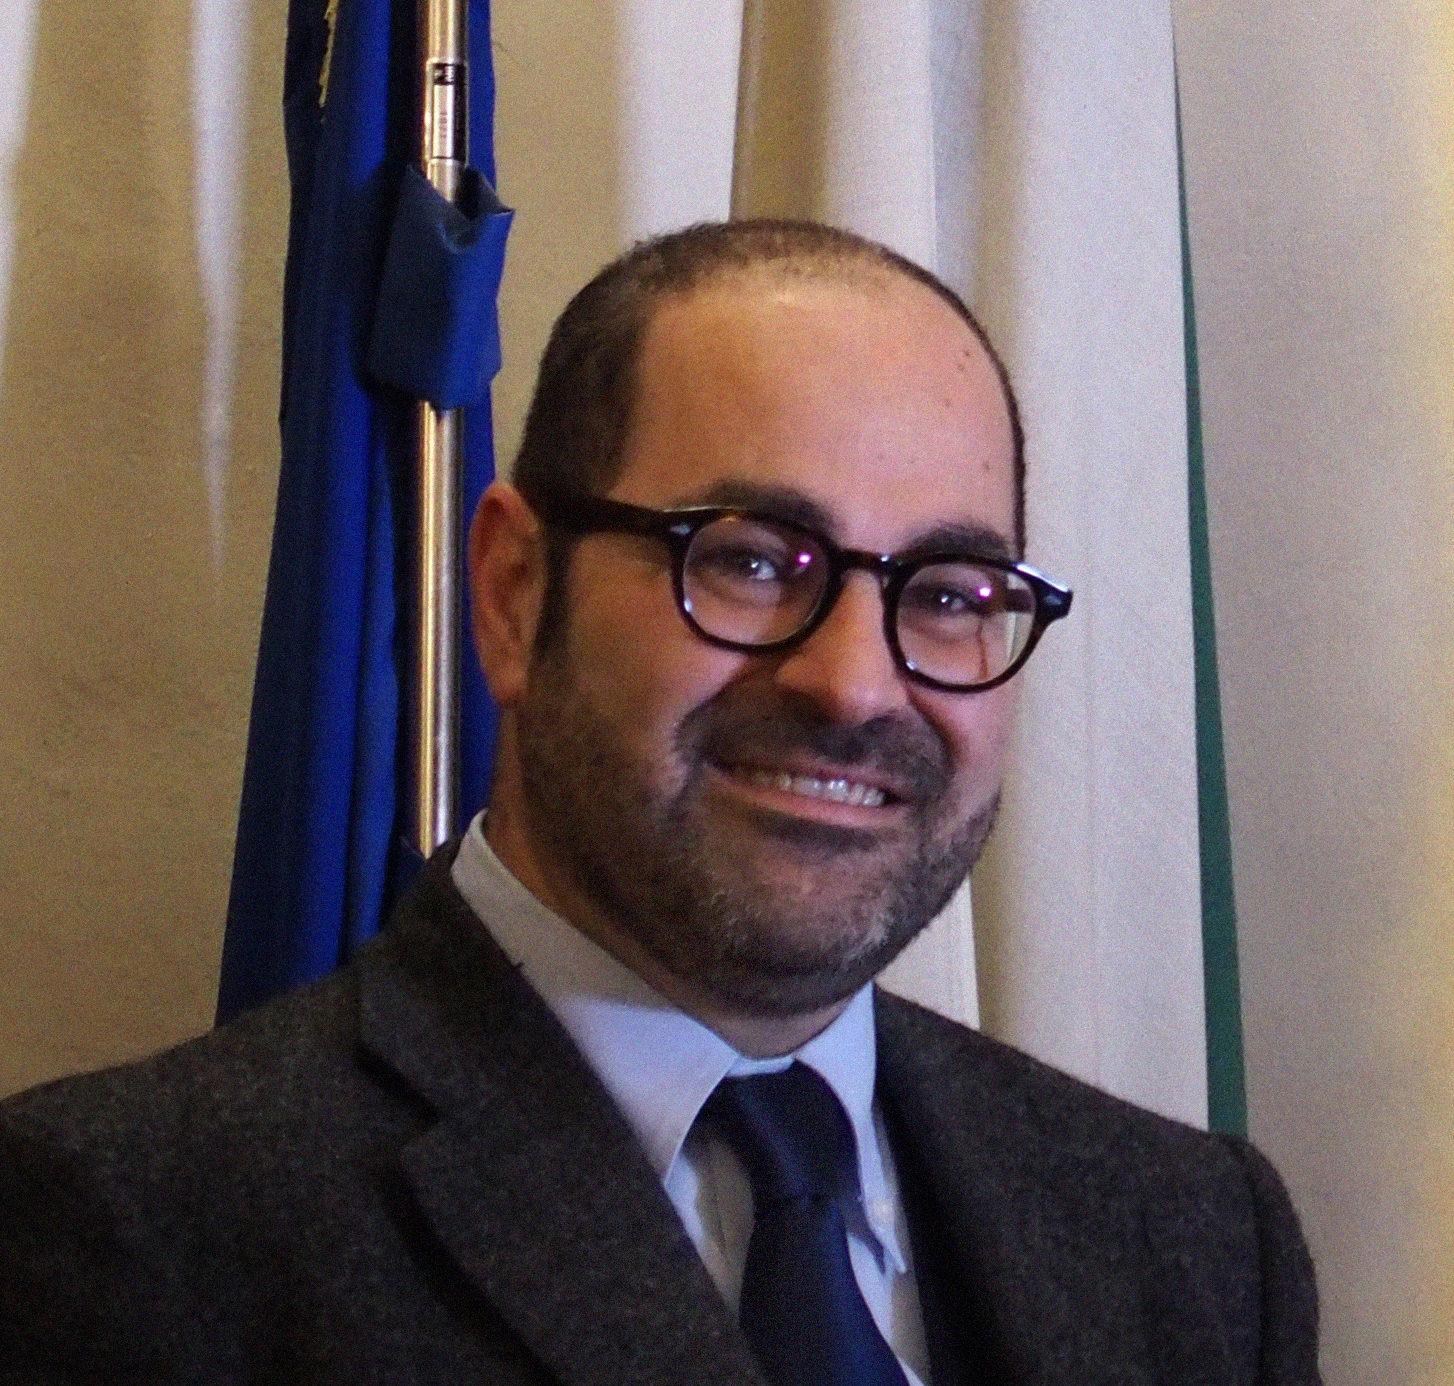 CarloRossini